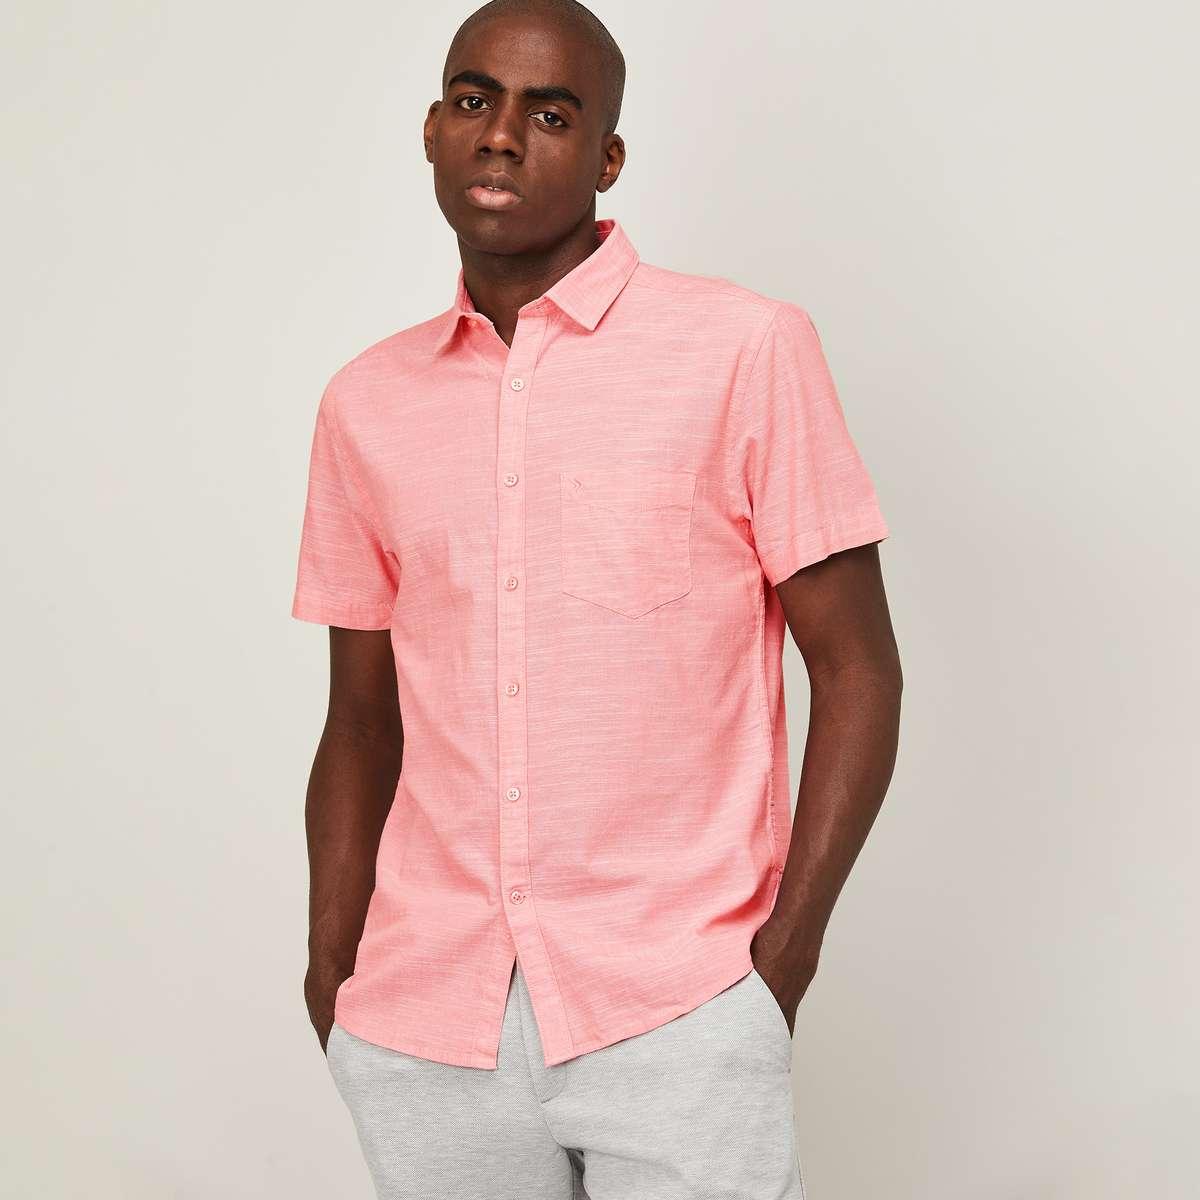 3.CODE Men Solid Regular Fit Casual Shirt